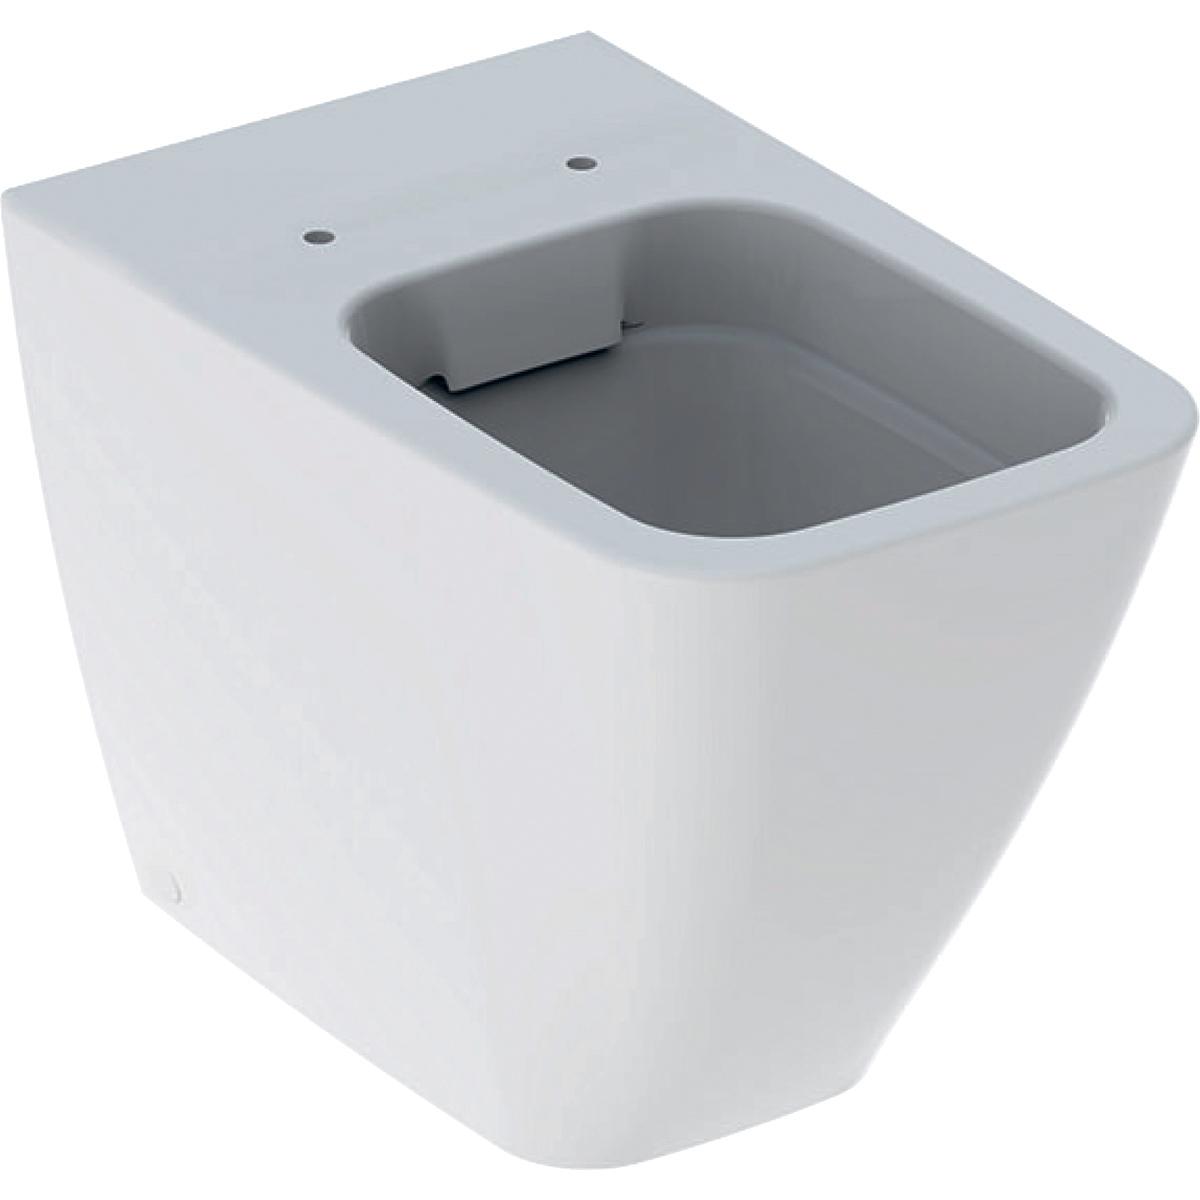 Geberit iCon Square Унитаз напольный приставной безободковый Rimfree® 6 л